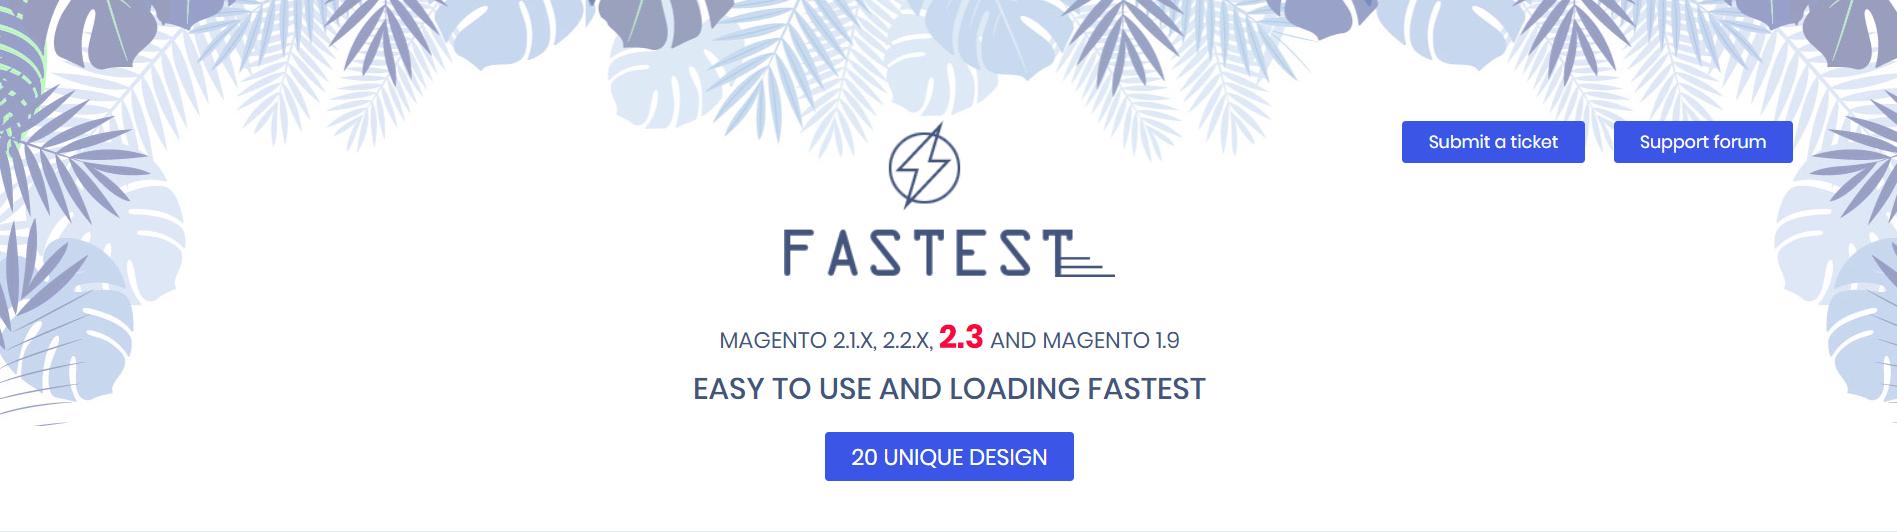 Magento-Fastest-Theme